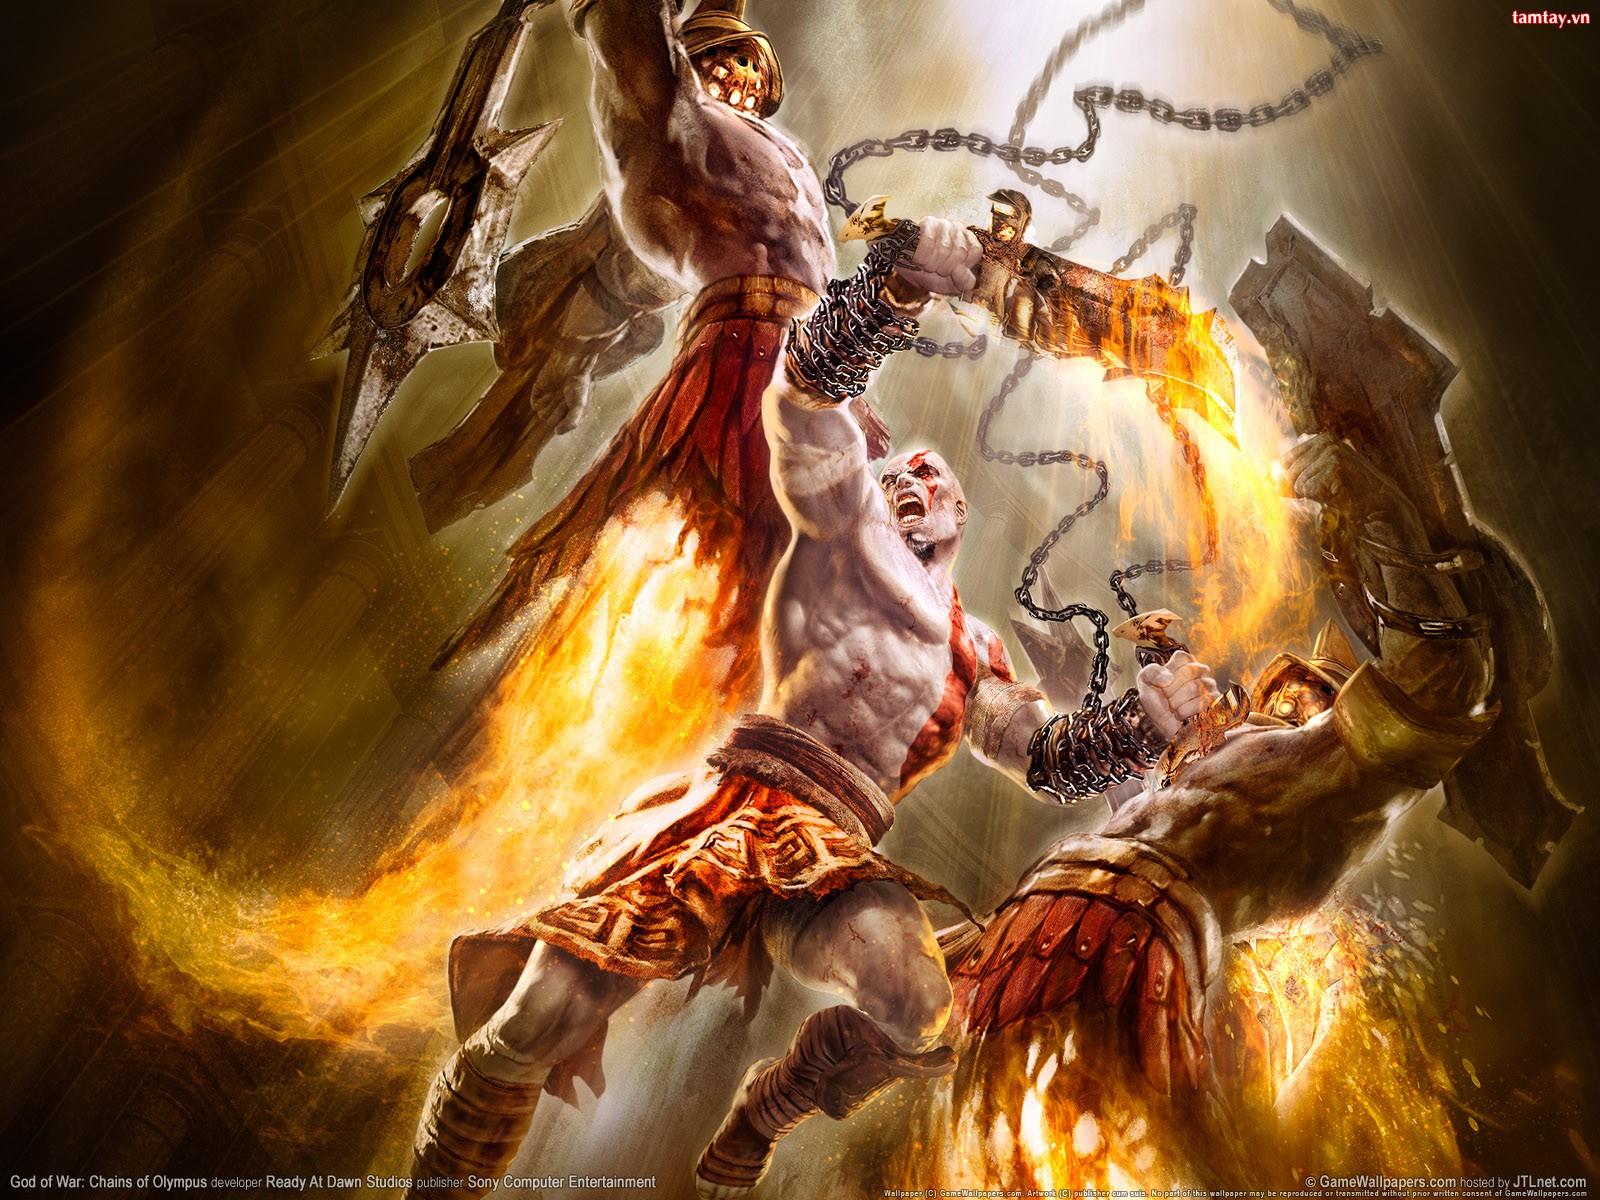 ARQUIVO DE IMAGENS: GOD OF WAR